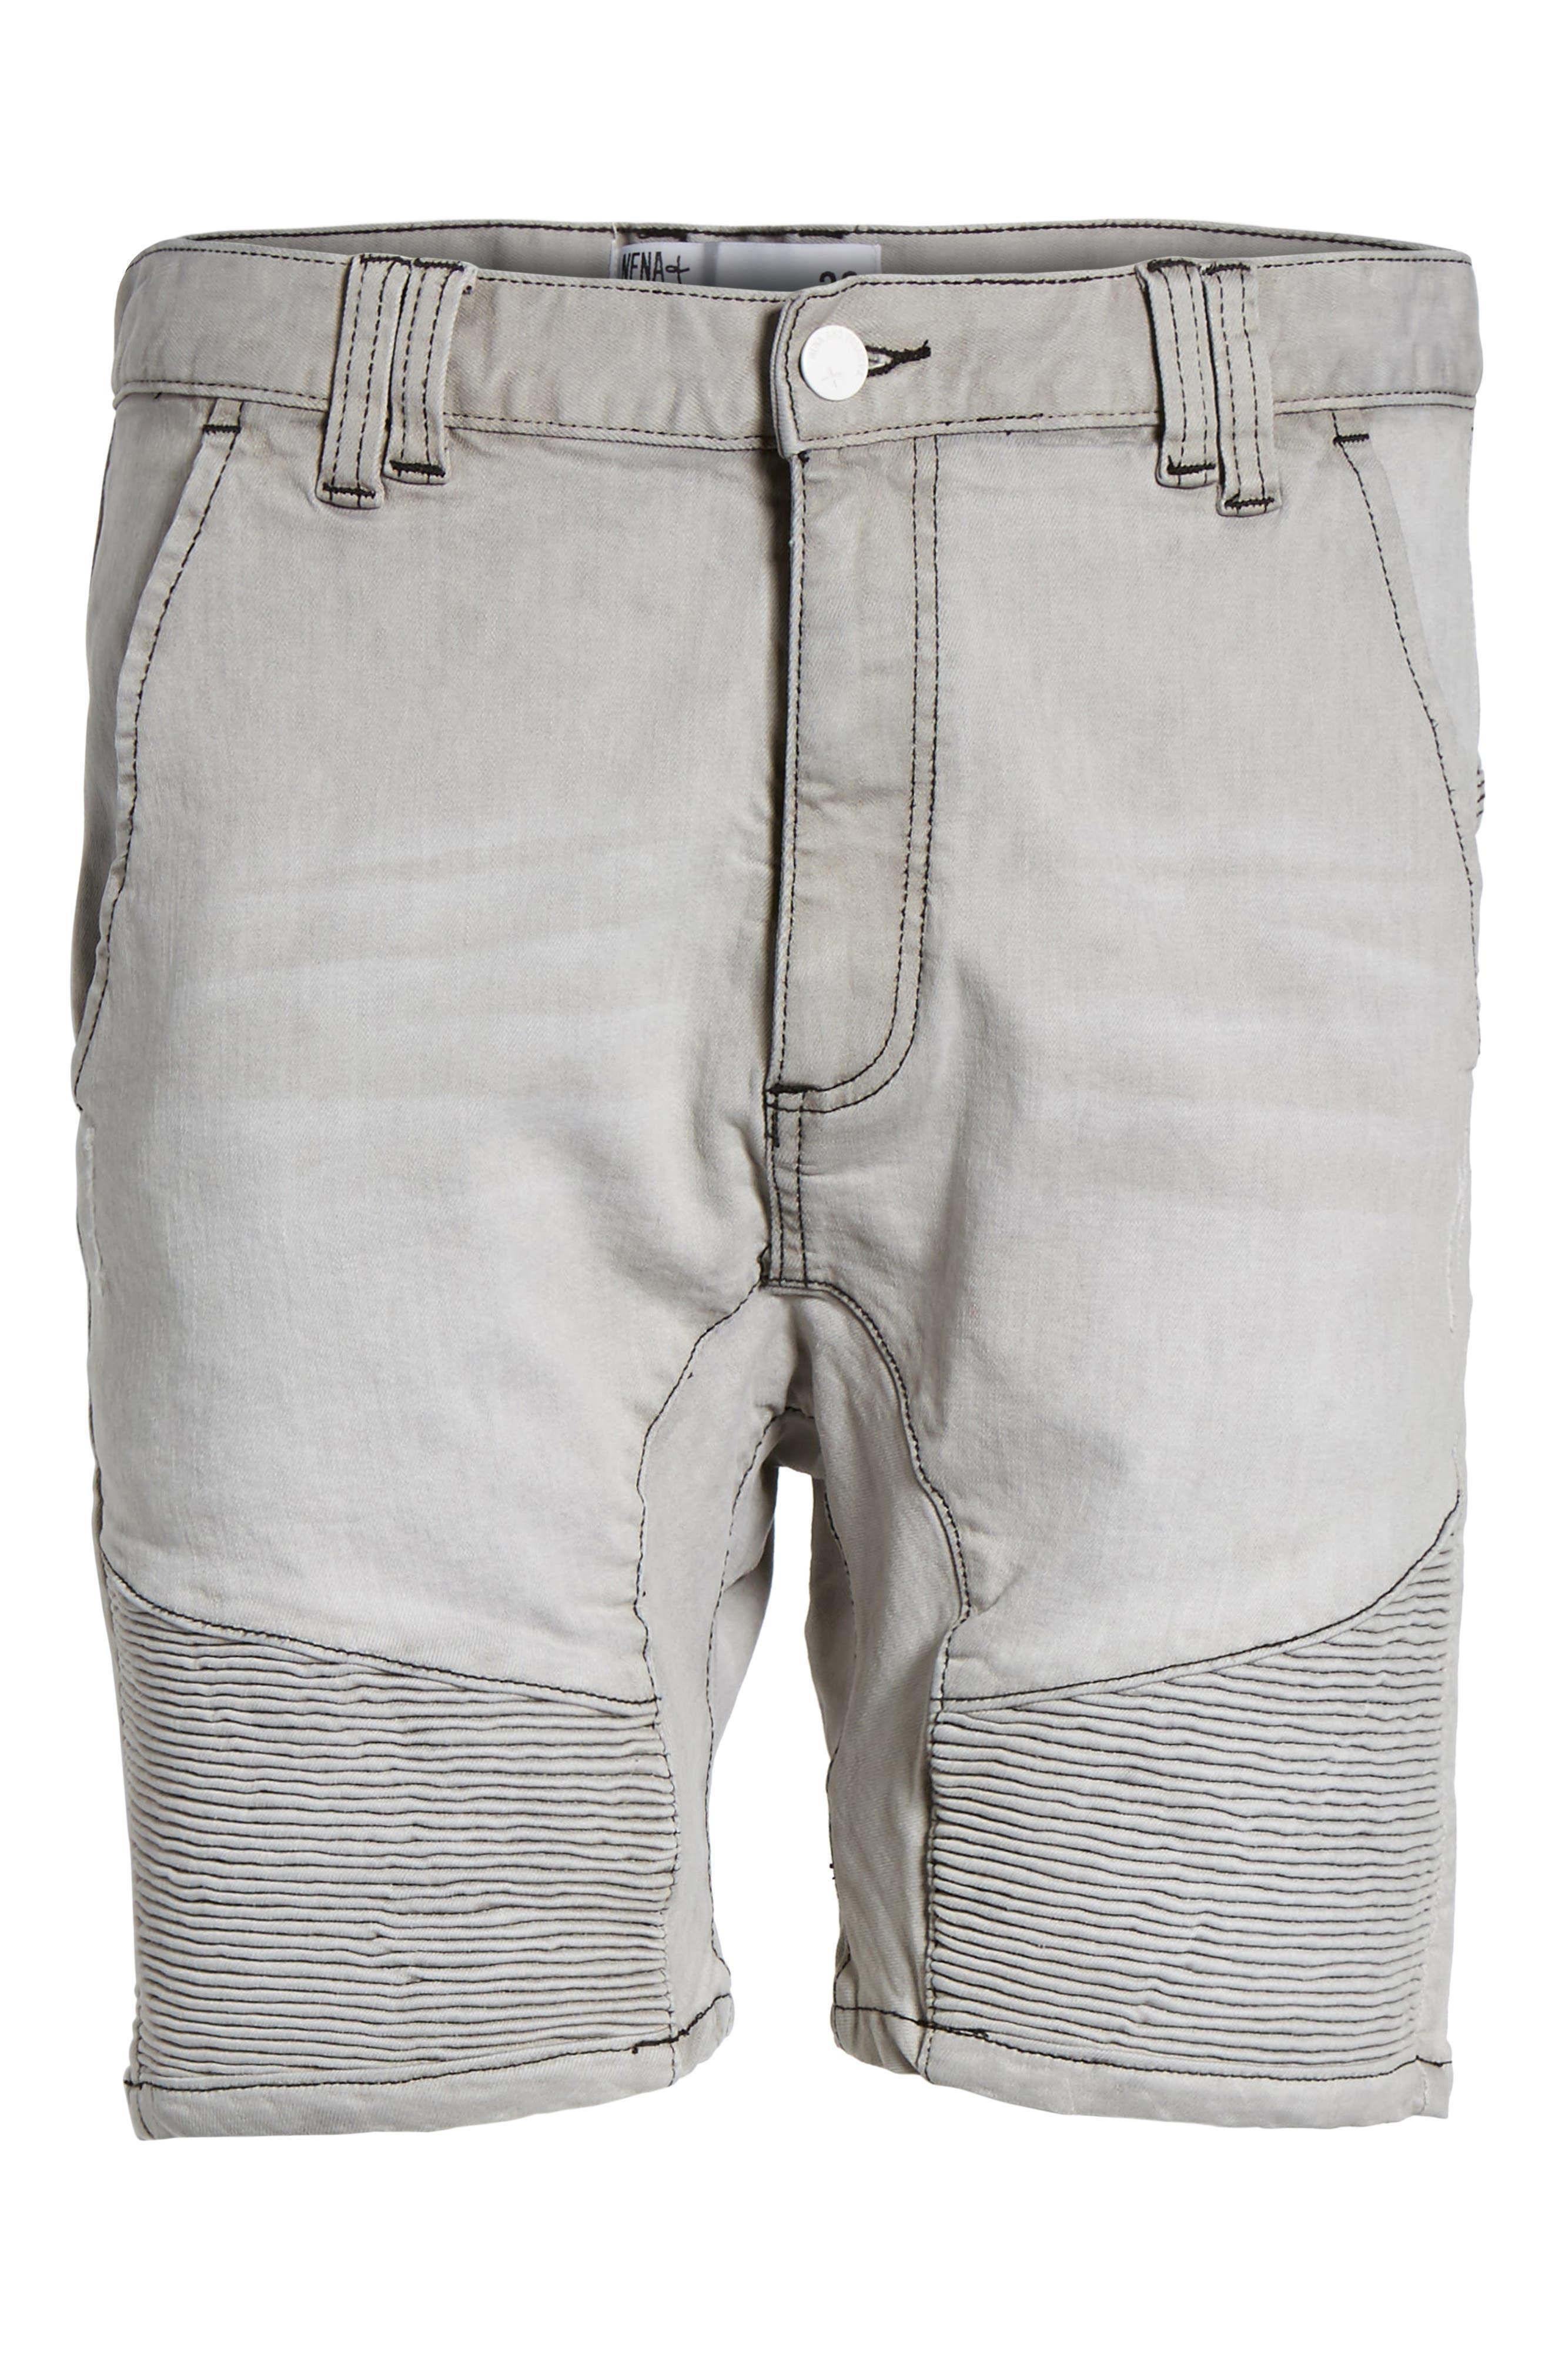 Scope Shorts,                             Alternate thumbnail 6, color,                             069